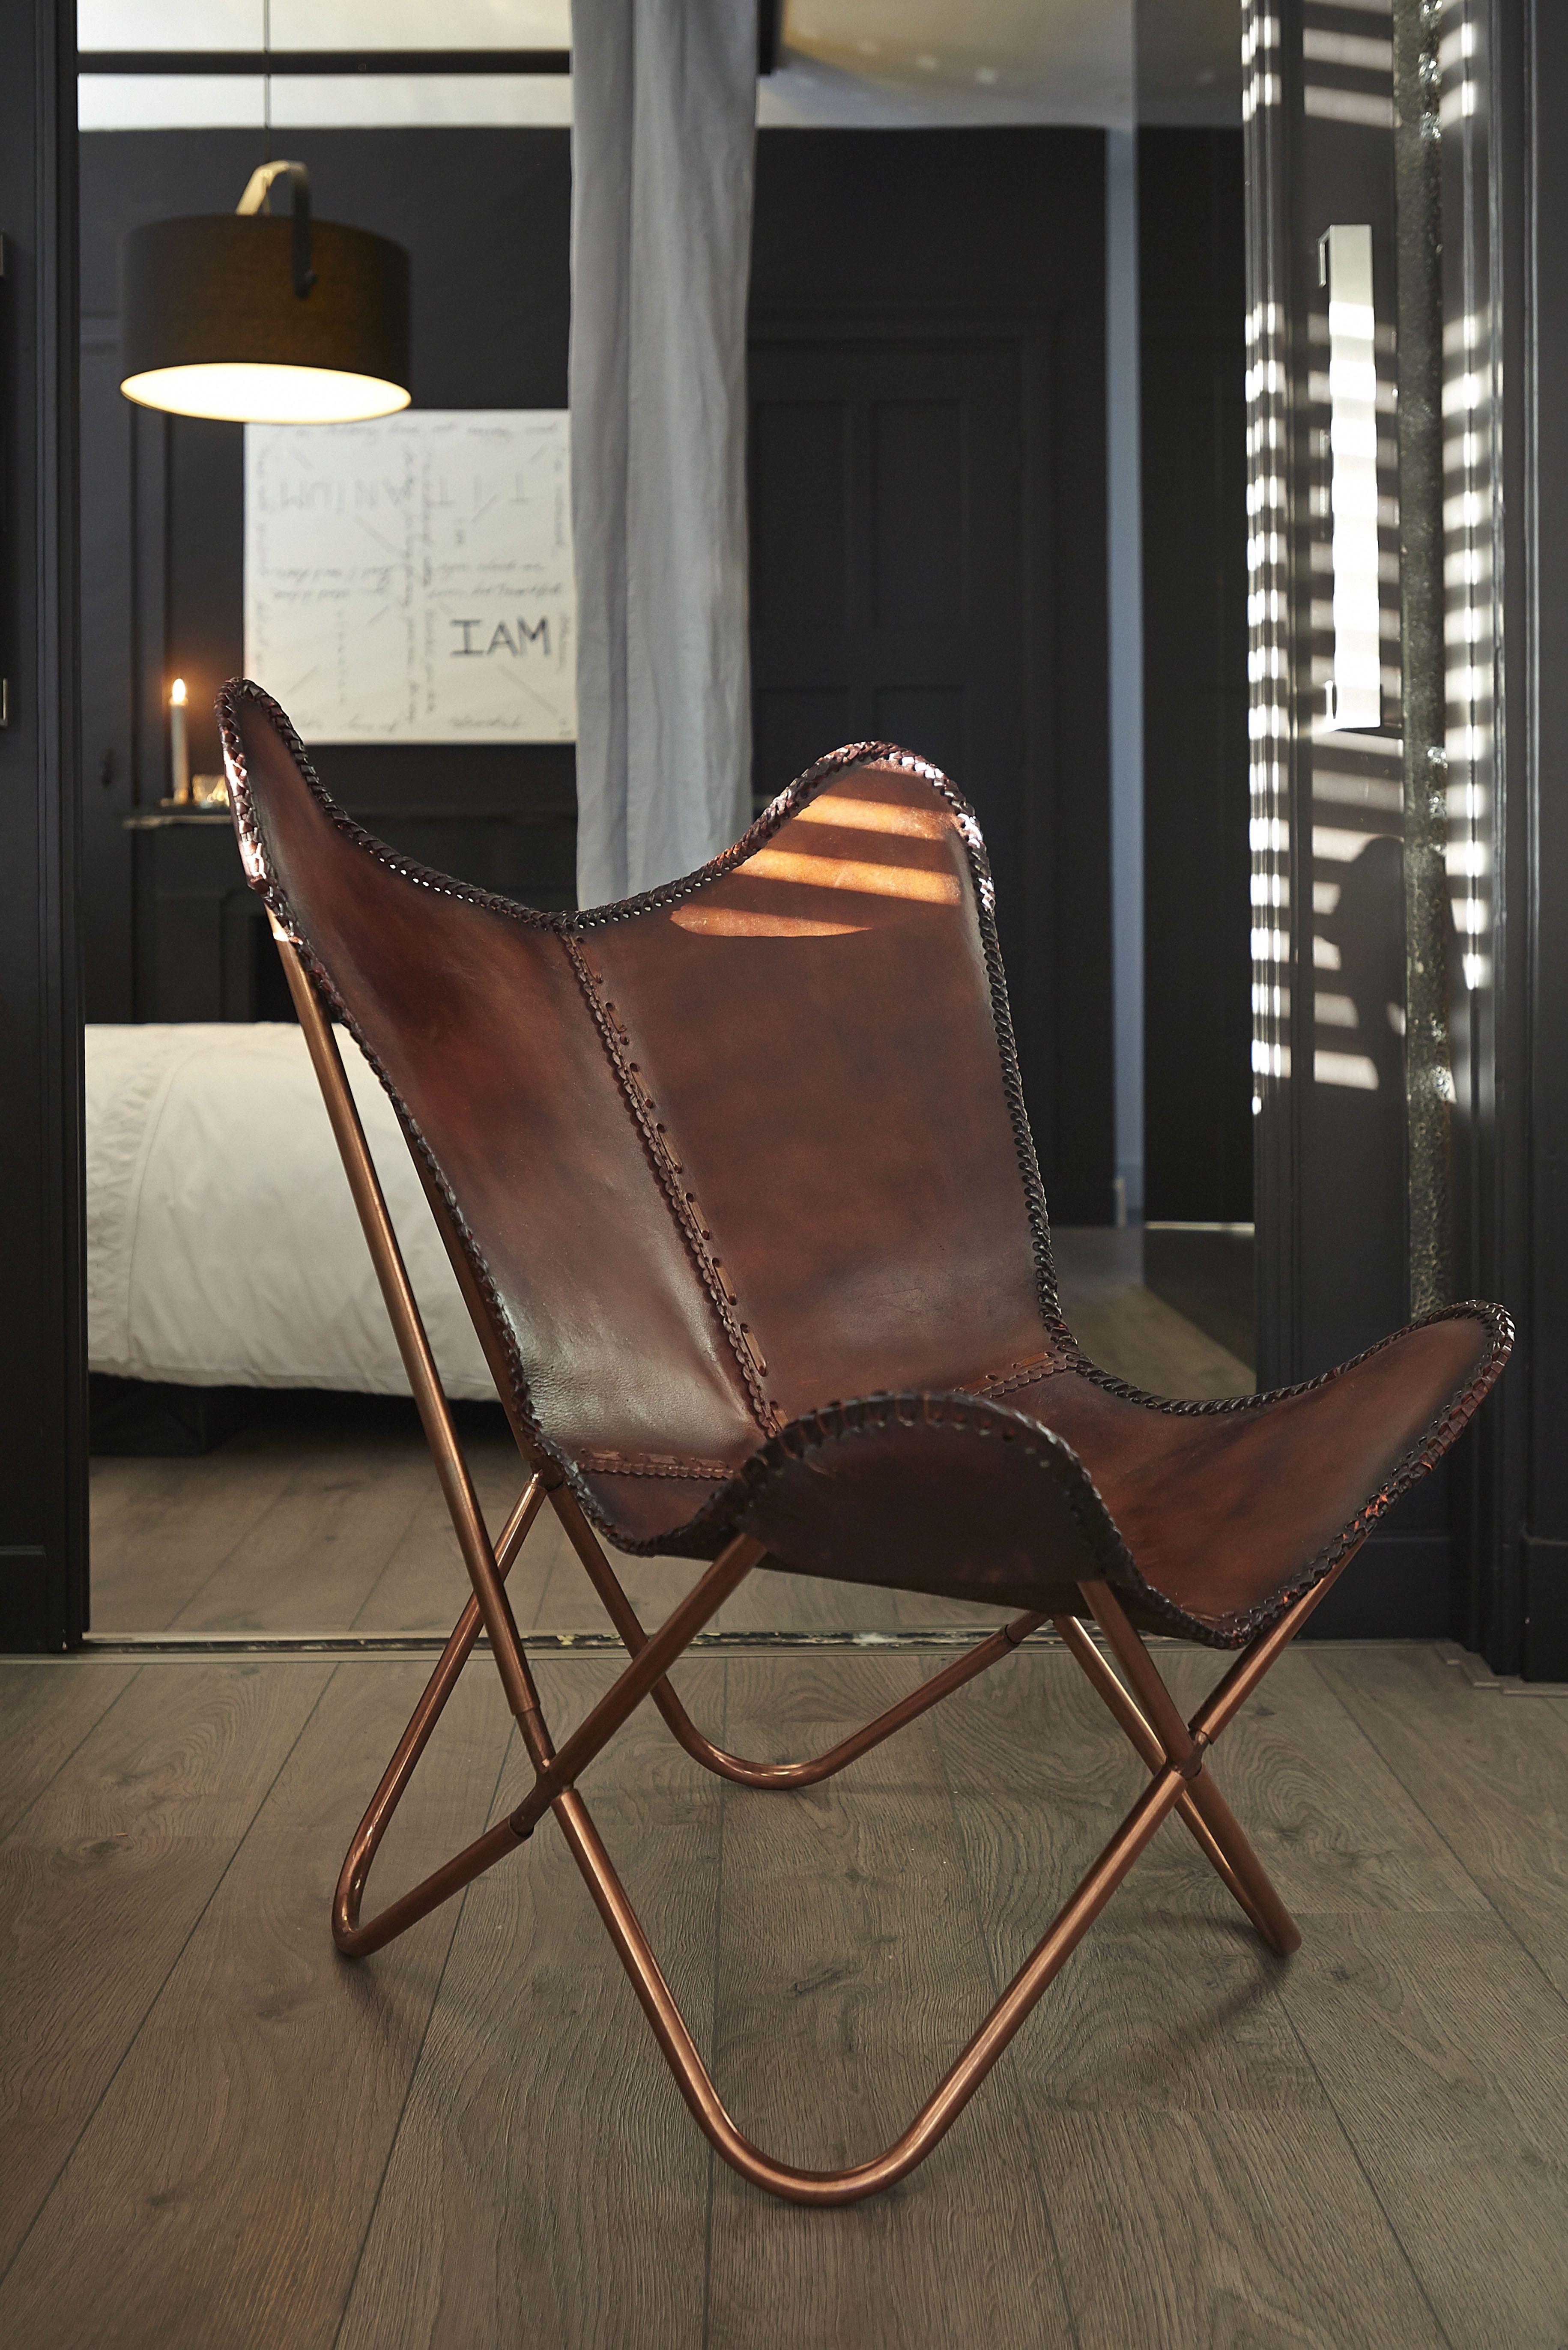 Fauteuil Design Huis En Inrichting.Rtl Woonmagazine Afl 1 Goossens Fauteuil Jacky Gray Dining